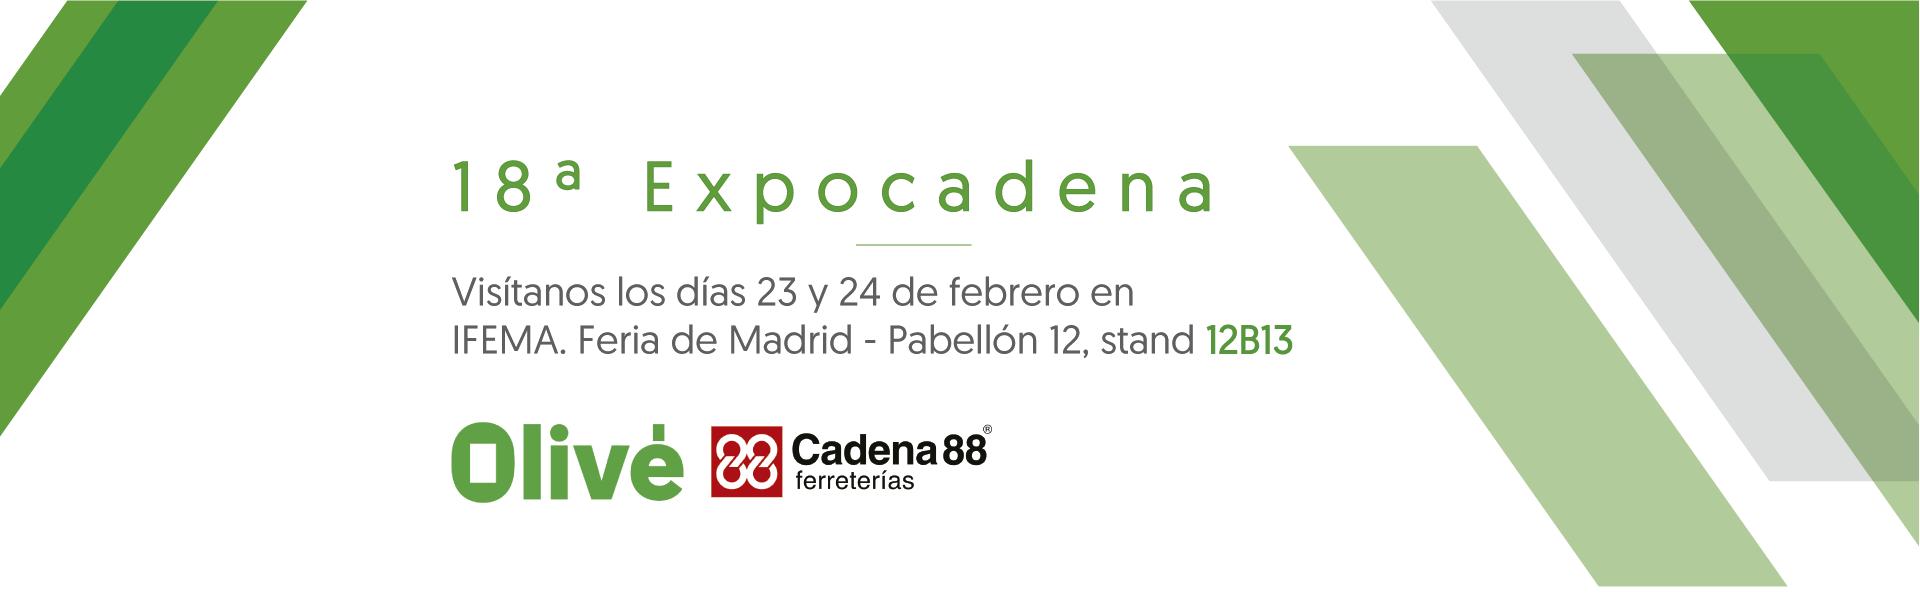 Expocadena 2018